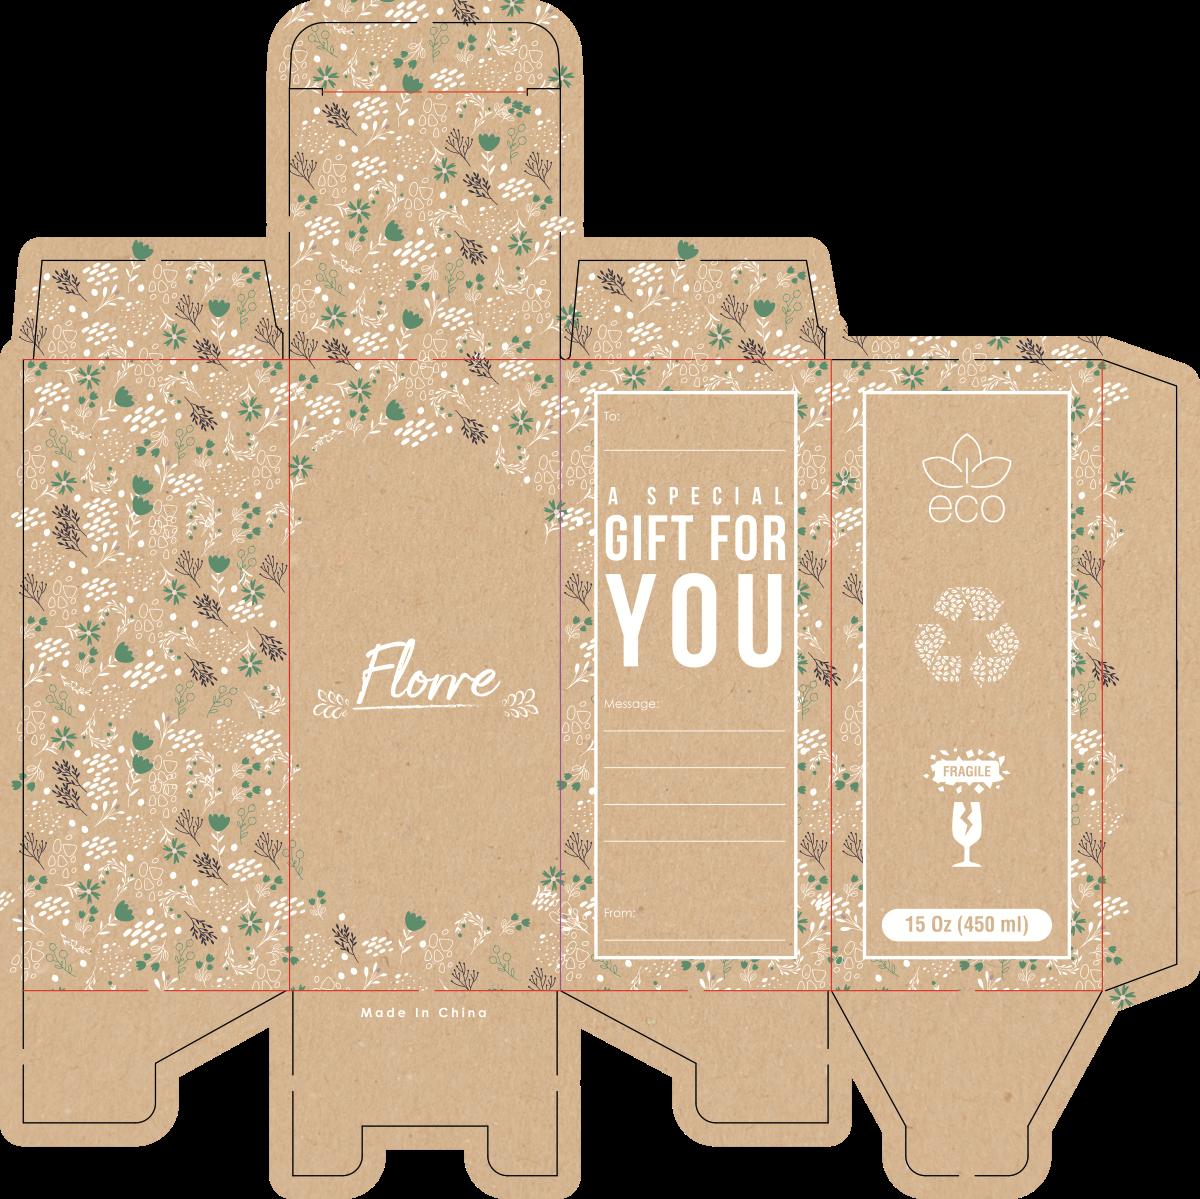 Packing for glass dispenser bottle - Verre